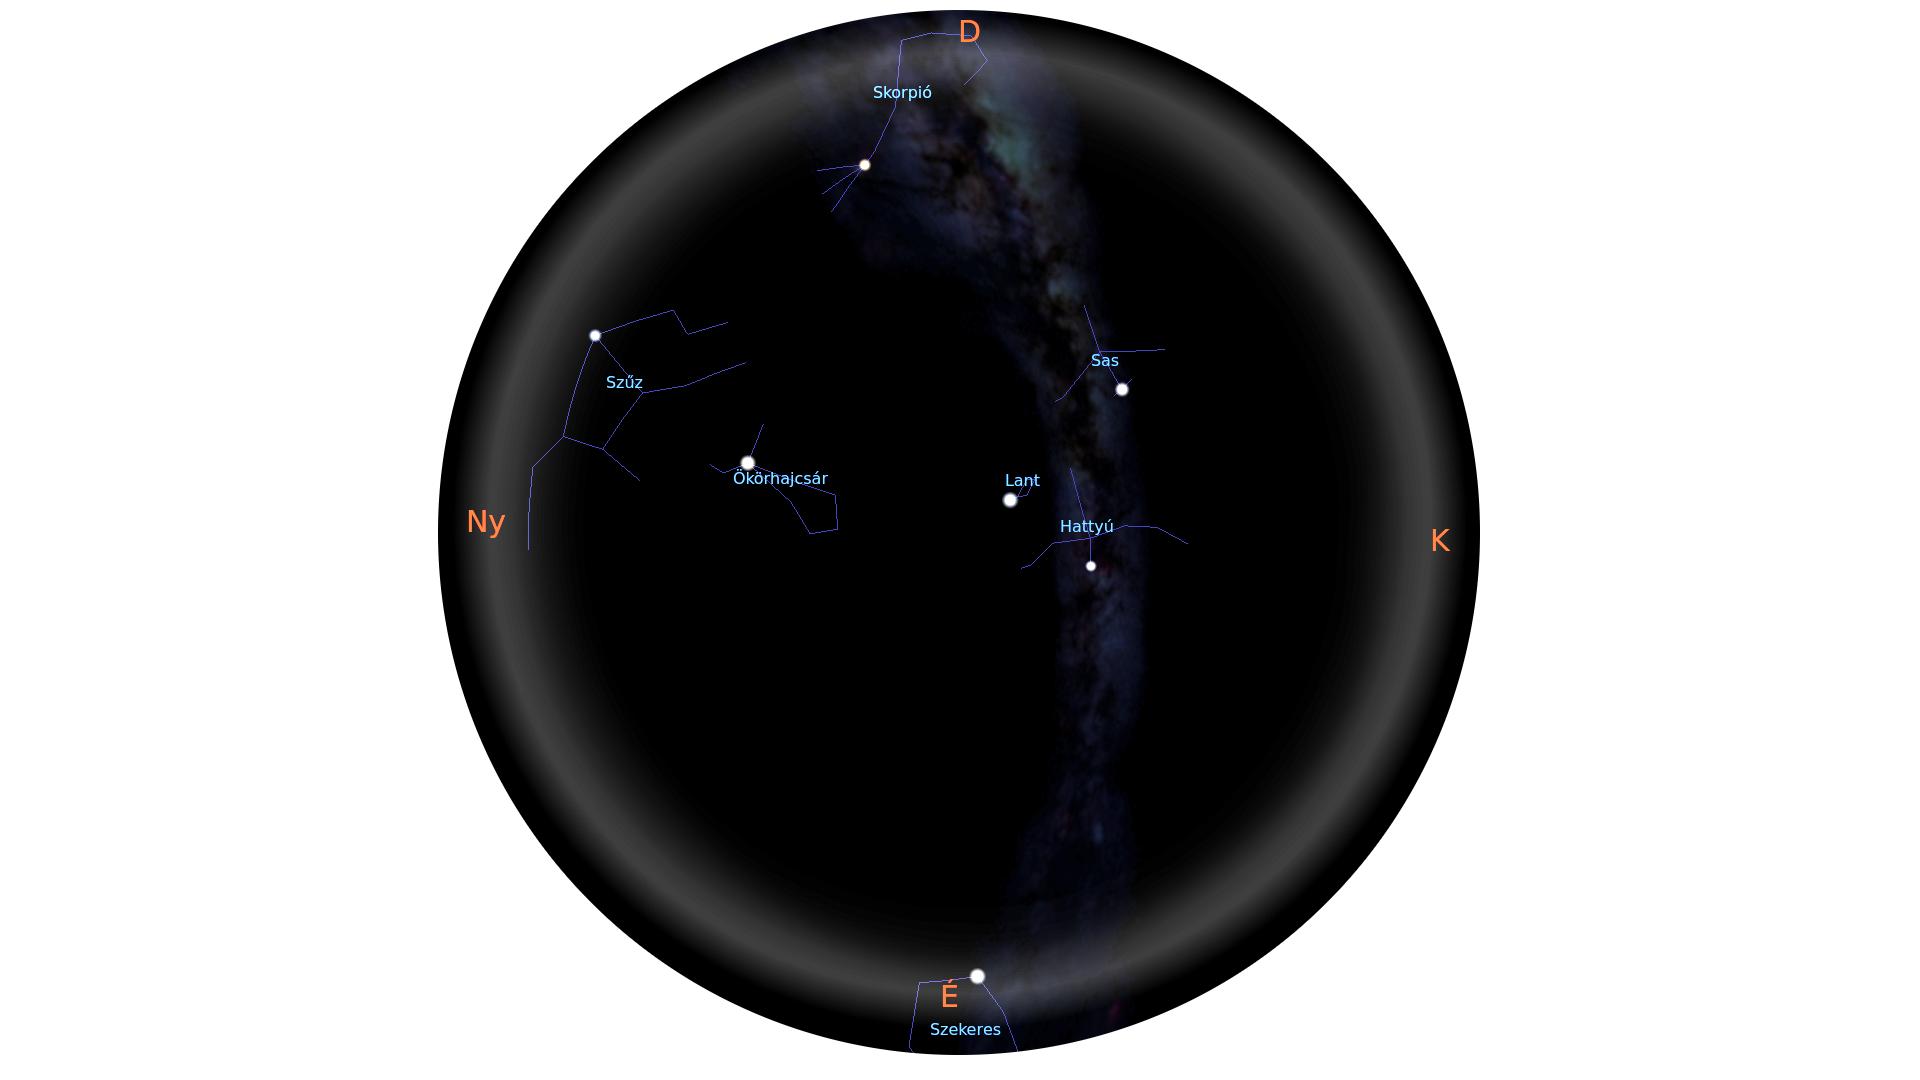 Nyári csillagképek, 1.4-es határmagnitúdó